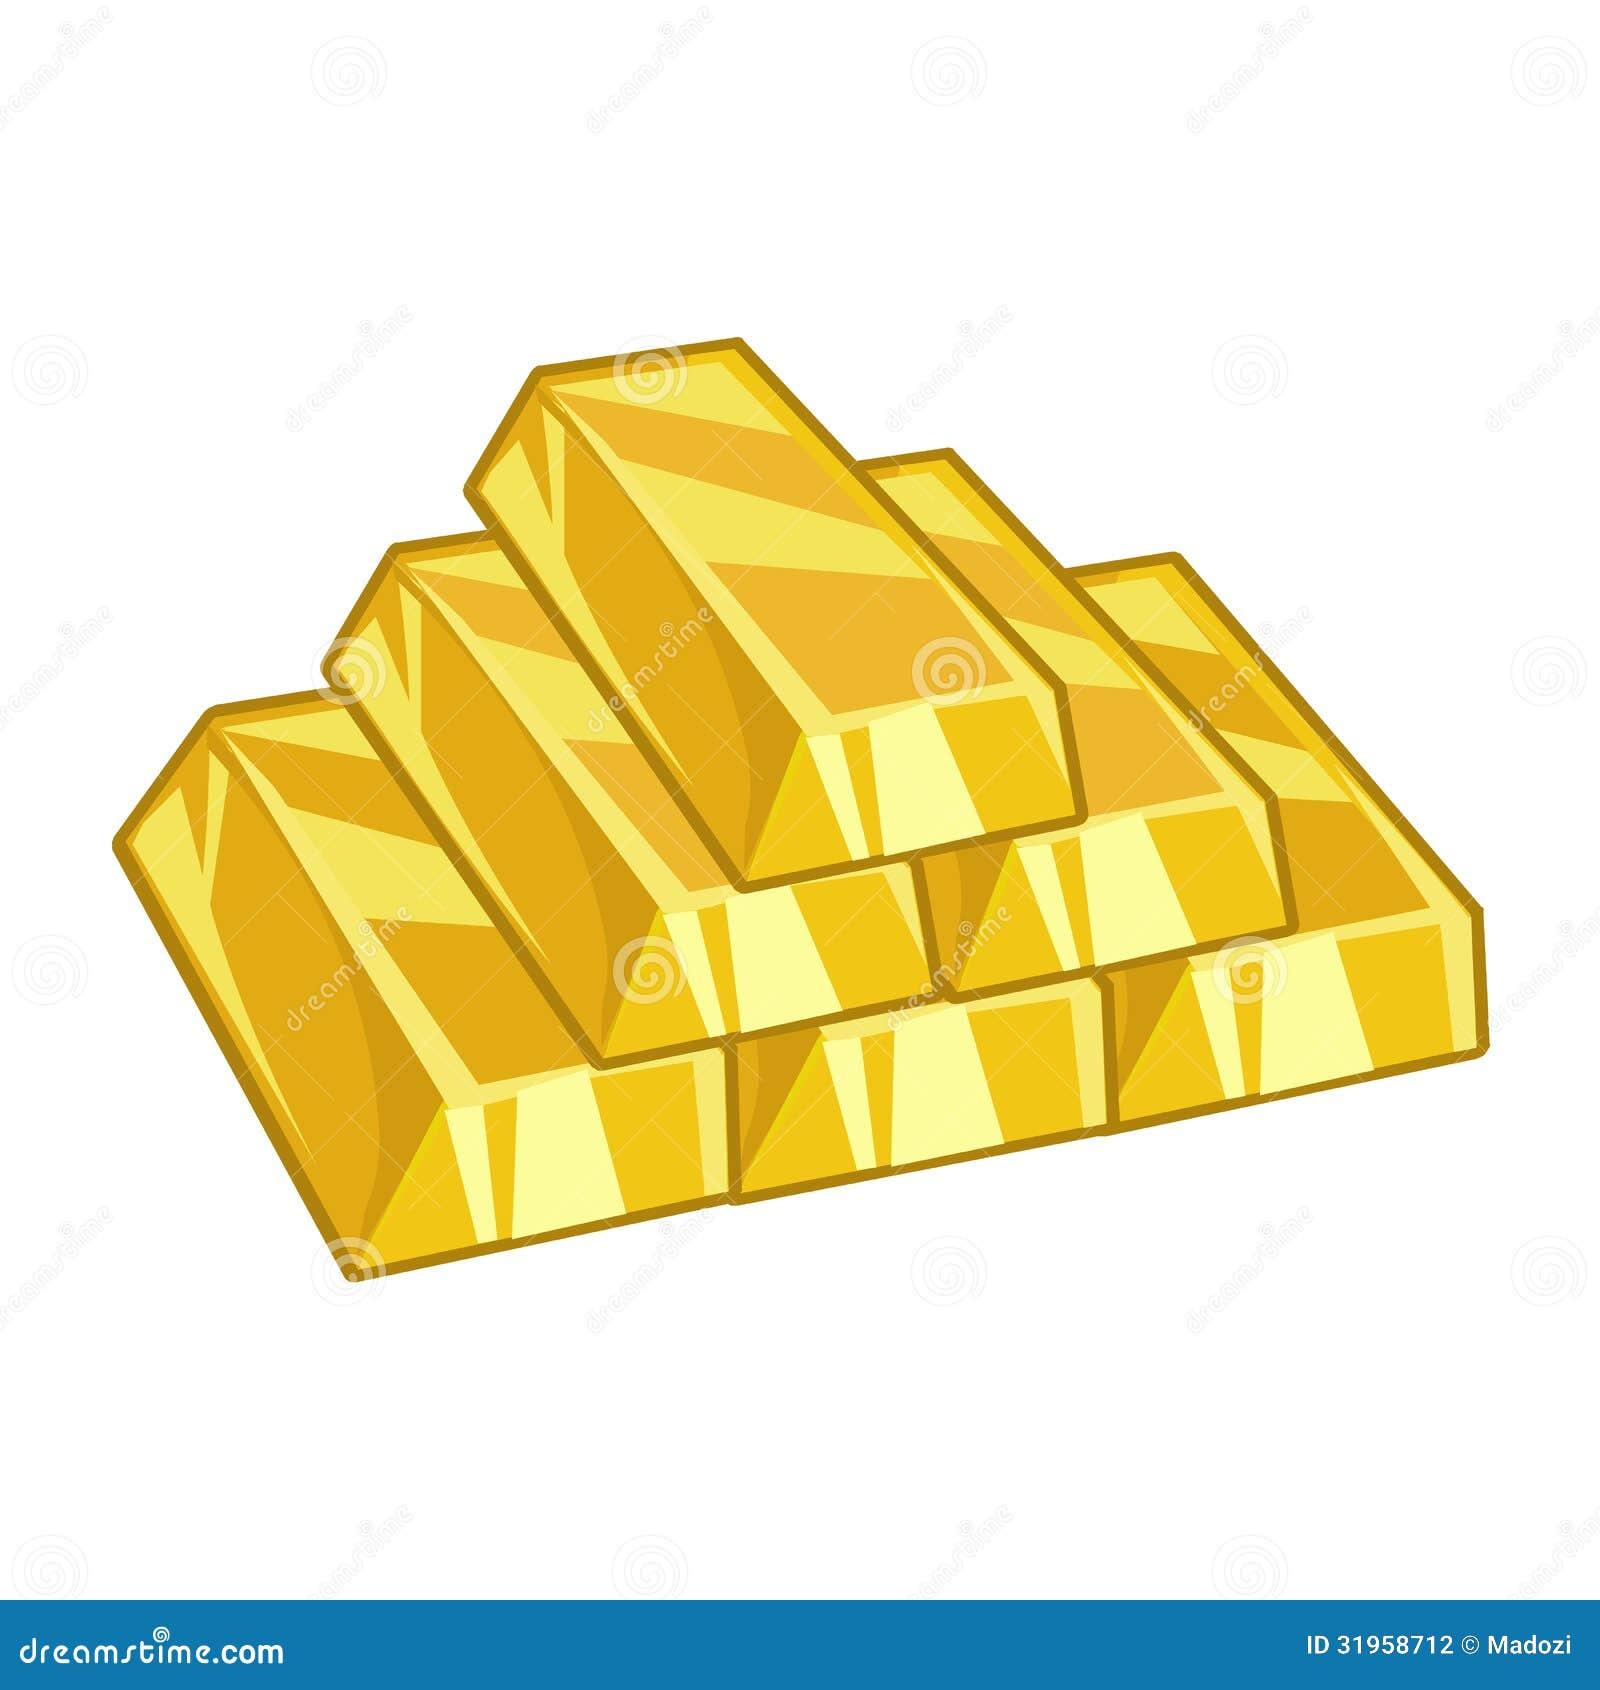 Gold Ingots Stock Photography Image 31958712